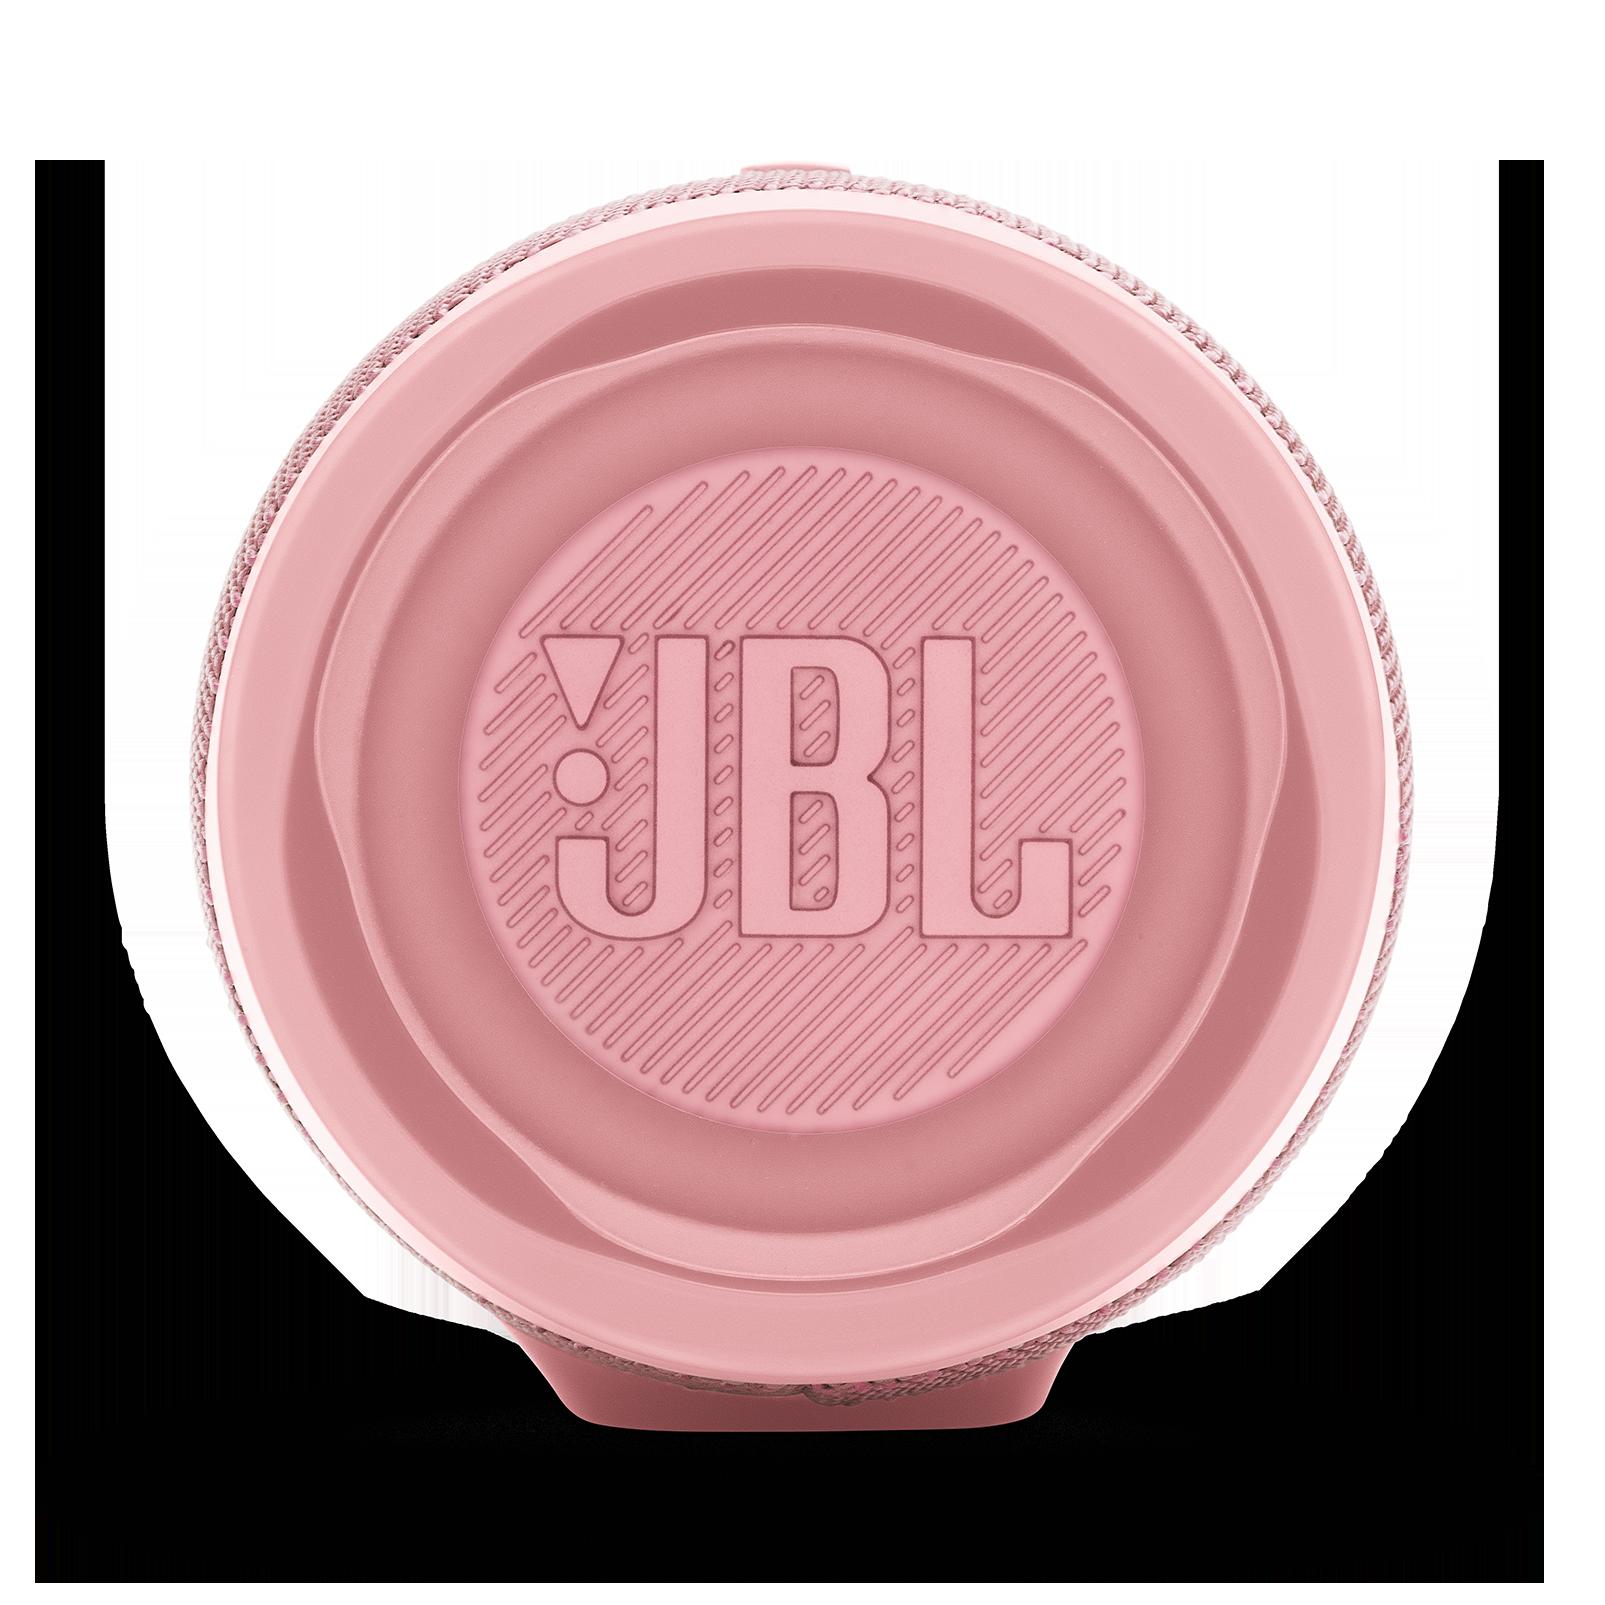 JBL Charge 4 - Pink - Portable Bluetooth speaker - Detailshot 2